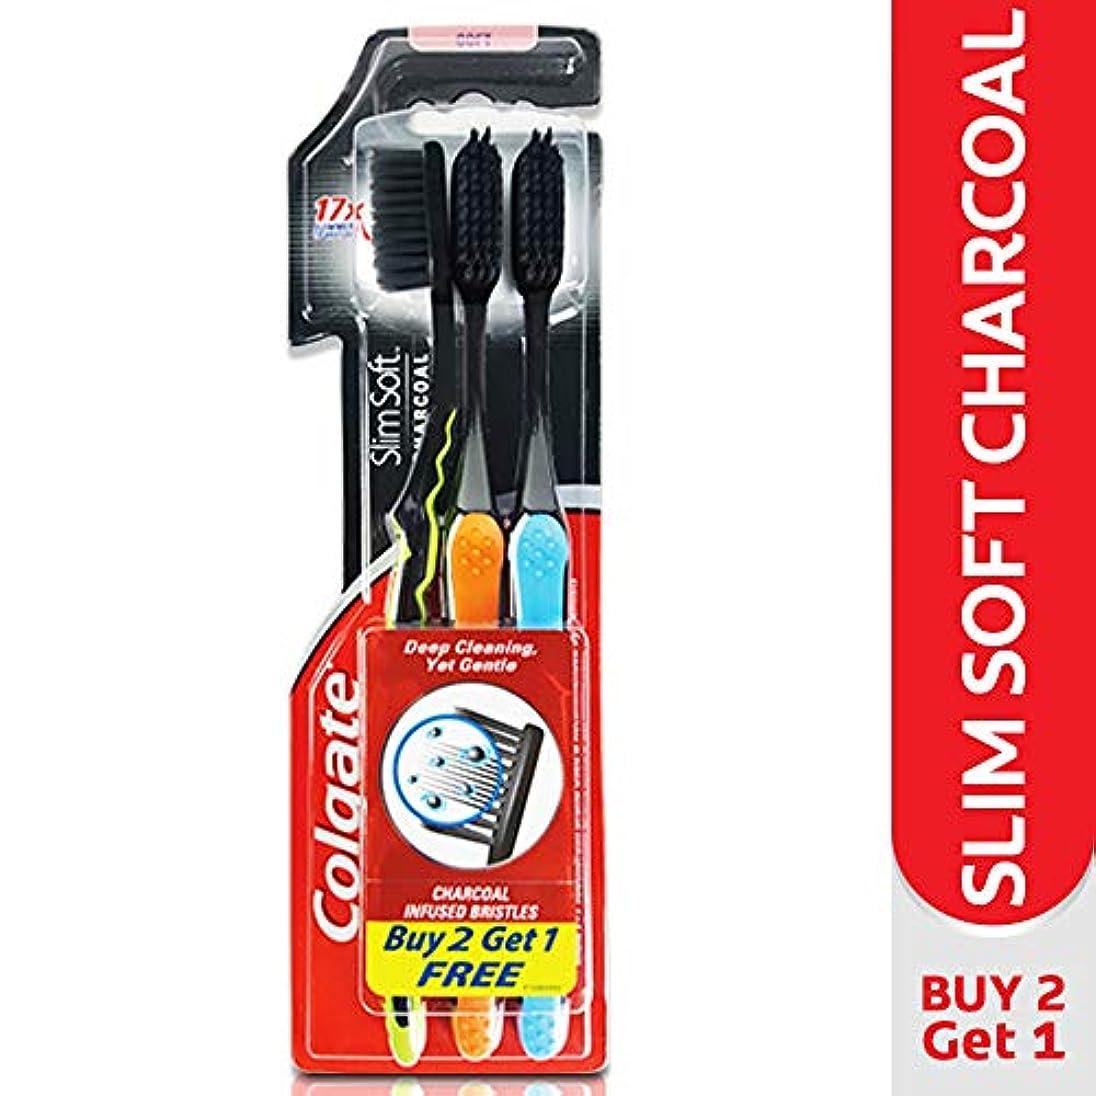 マウントバンクマトロン式Colgate Slim Soft Charcoal Toothbrush (Pack of 3) 17x Slimmer Soft Tip Bristles (Ship From India)